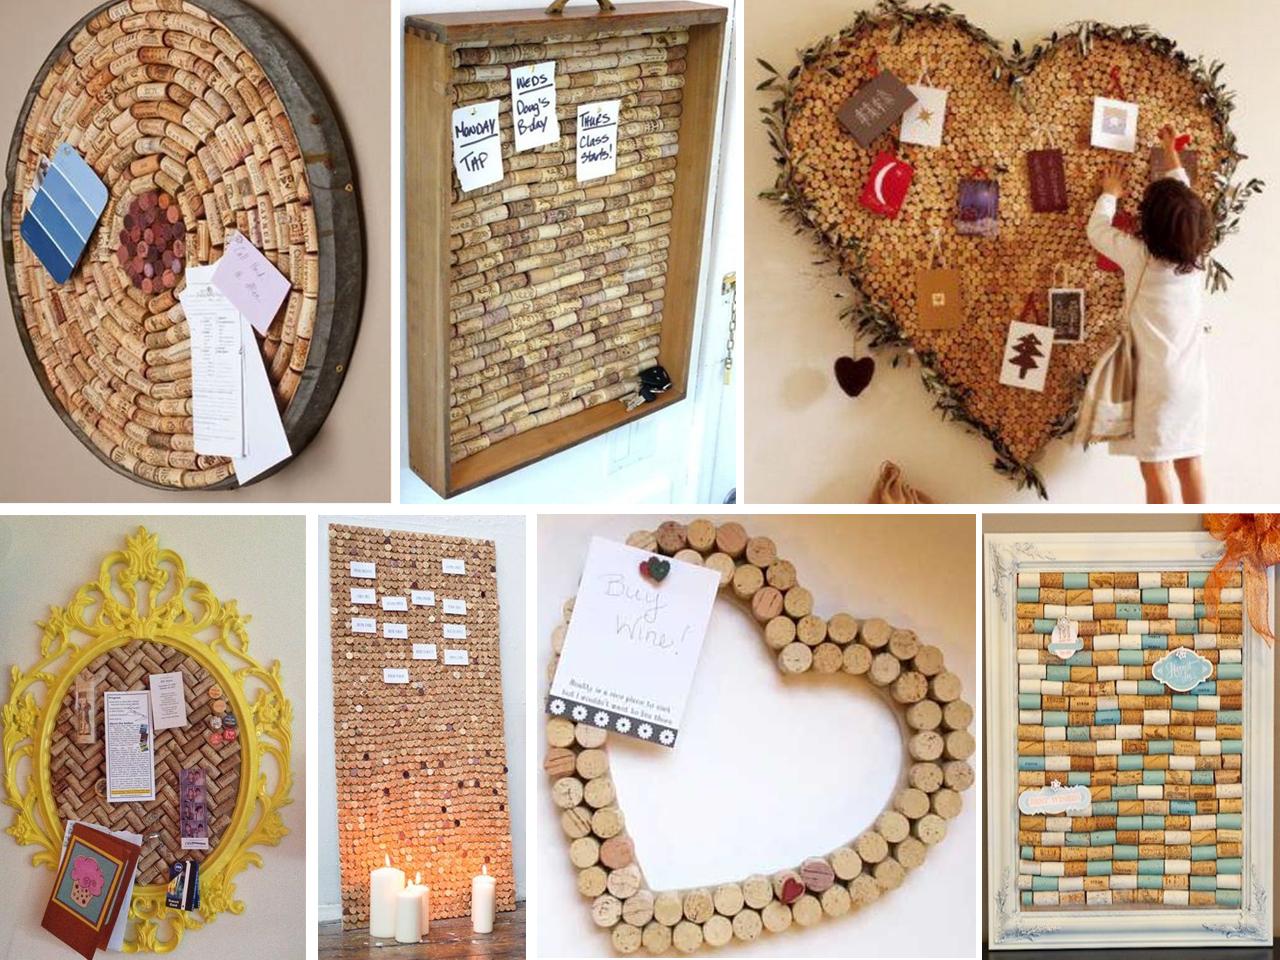 10 ideas de decoración con corchos que te sorprenderán